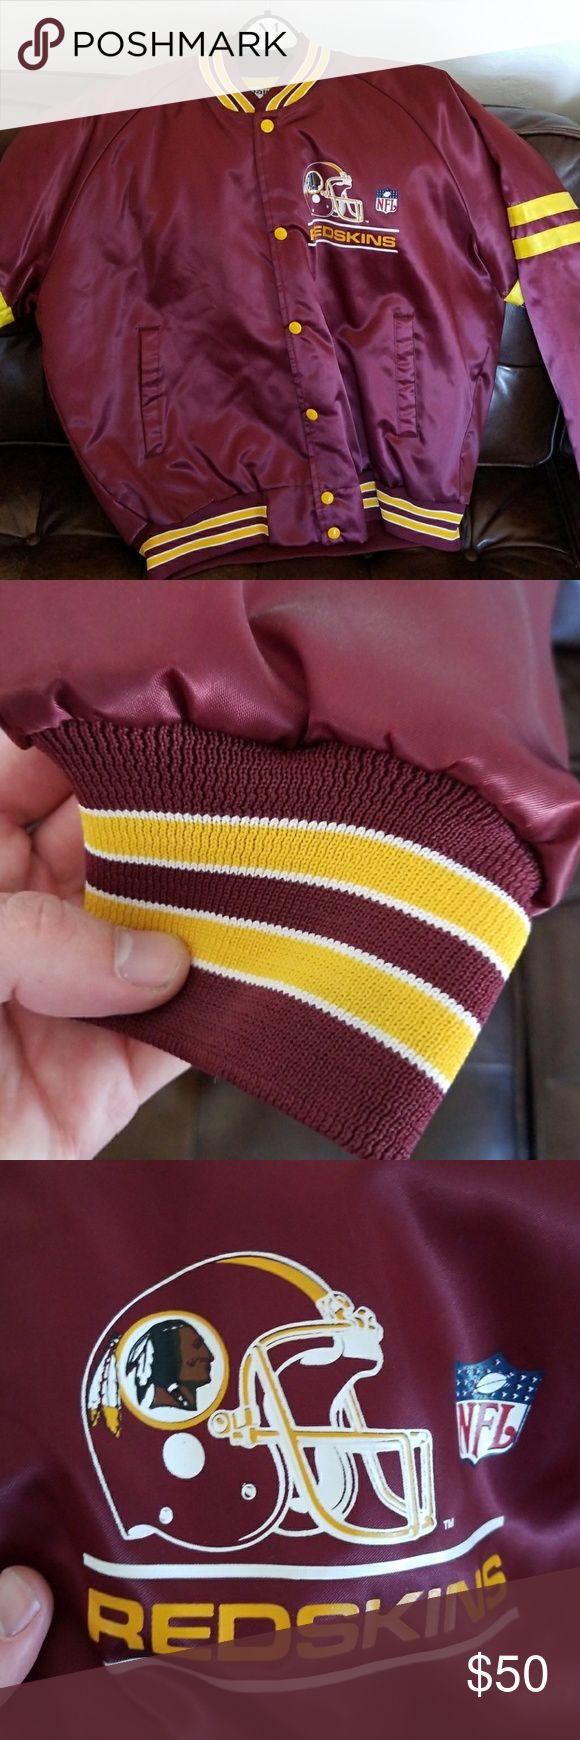 Washington Redskins Jacket - large Washington redskins jacket large nfl Jackets & Coats